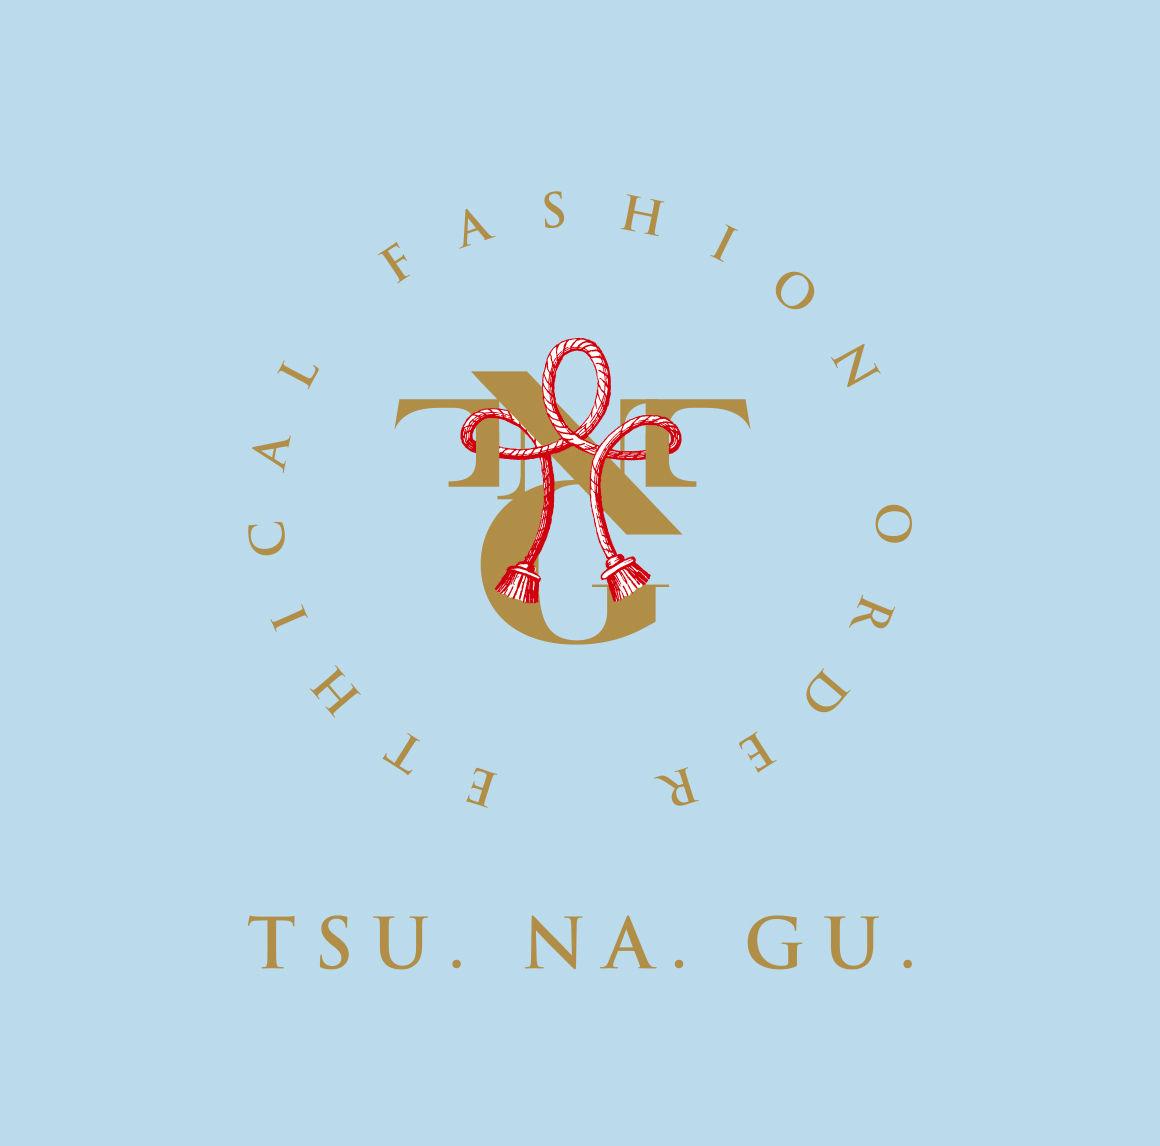 tsunagufashion's STORE